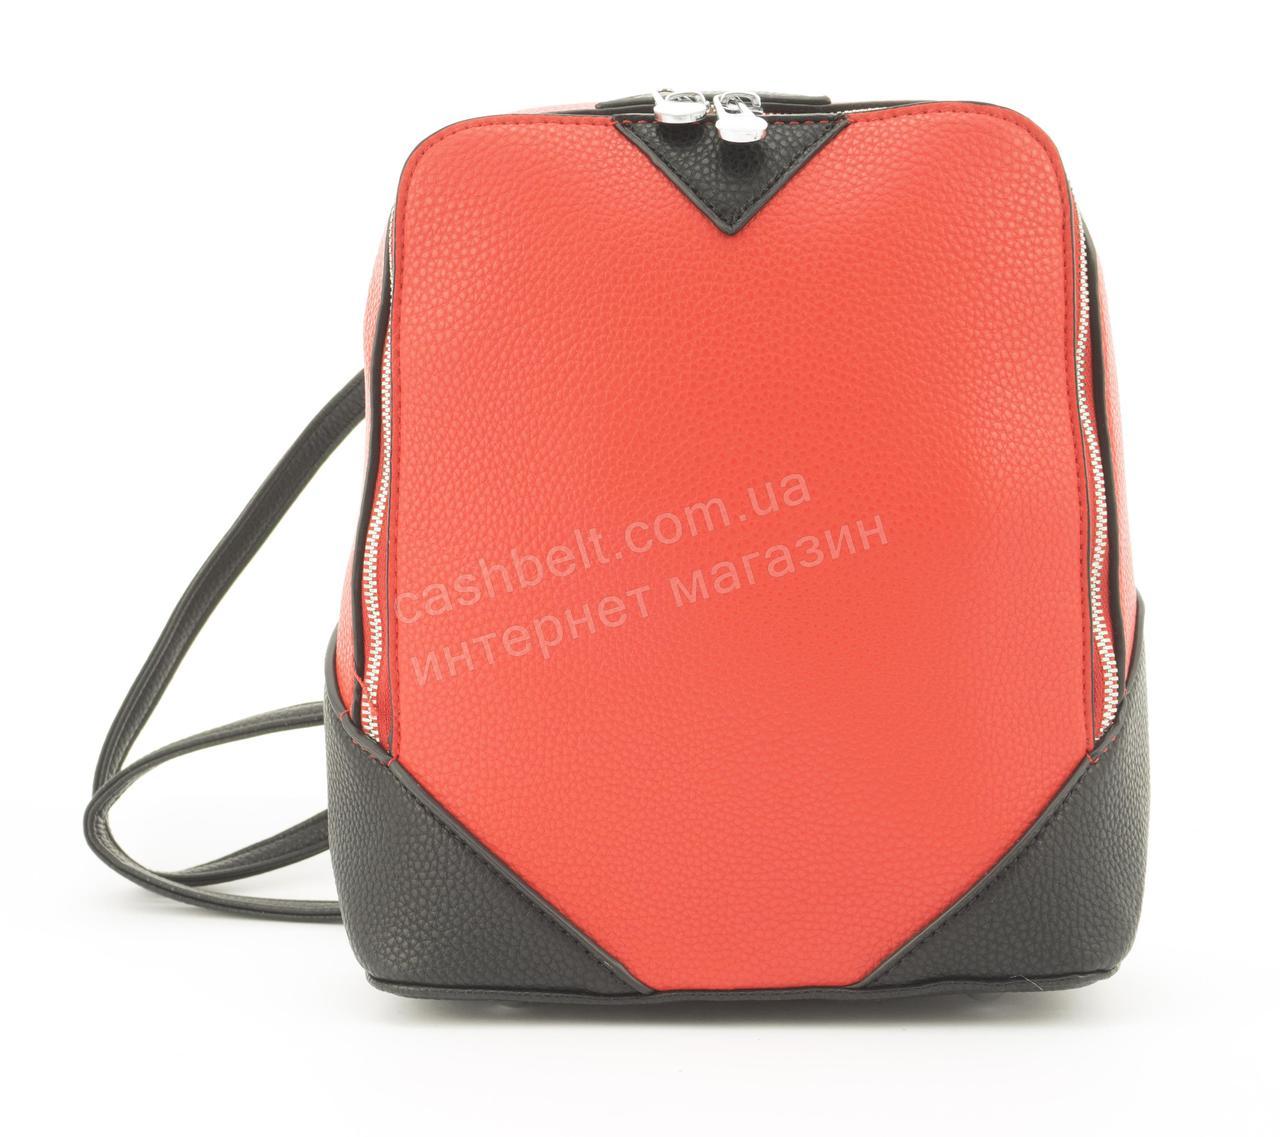 Прочный и надежный прямоугольный рюкзачок небольшого размера из эко кожи Suliya art. GJ-35 красный